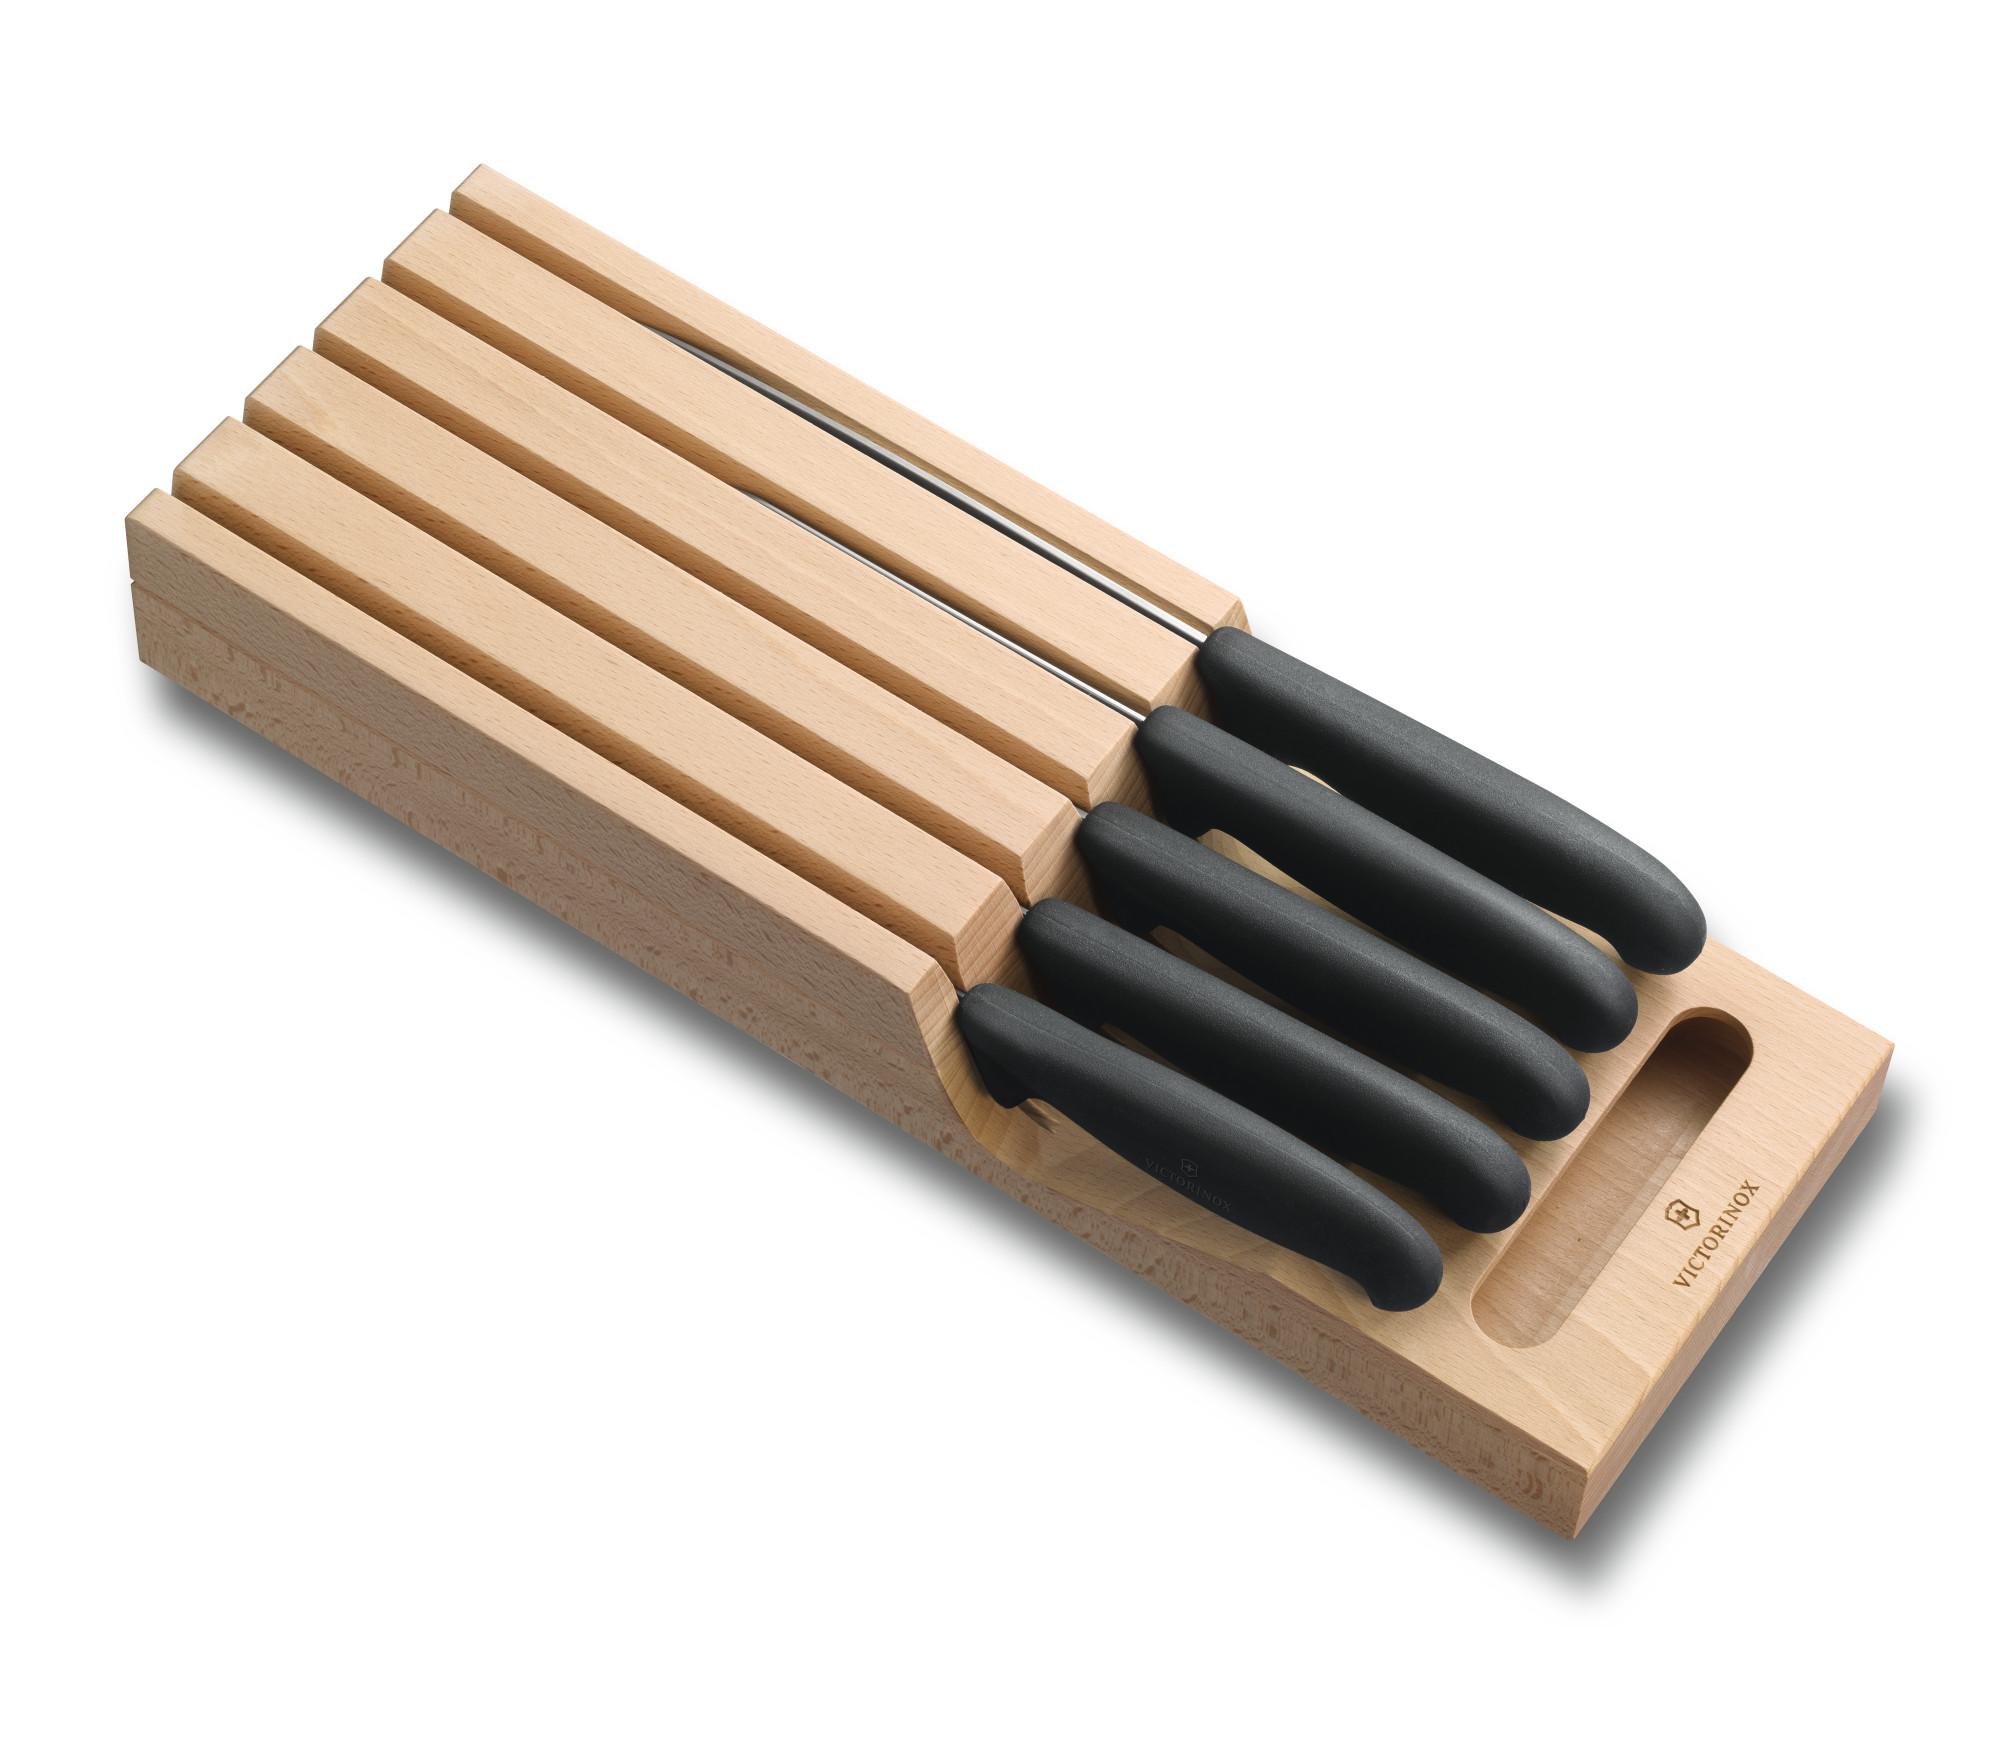 victorinox range couteaux fibrox pour tiroir couteaux de cuisine victorinox coutellerie. Black Bedroom Furniture Sets. Home Design Ideas